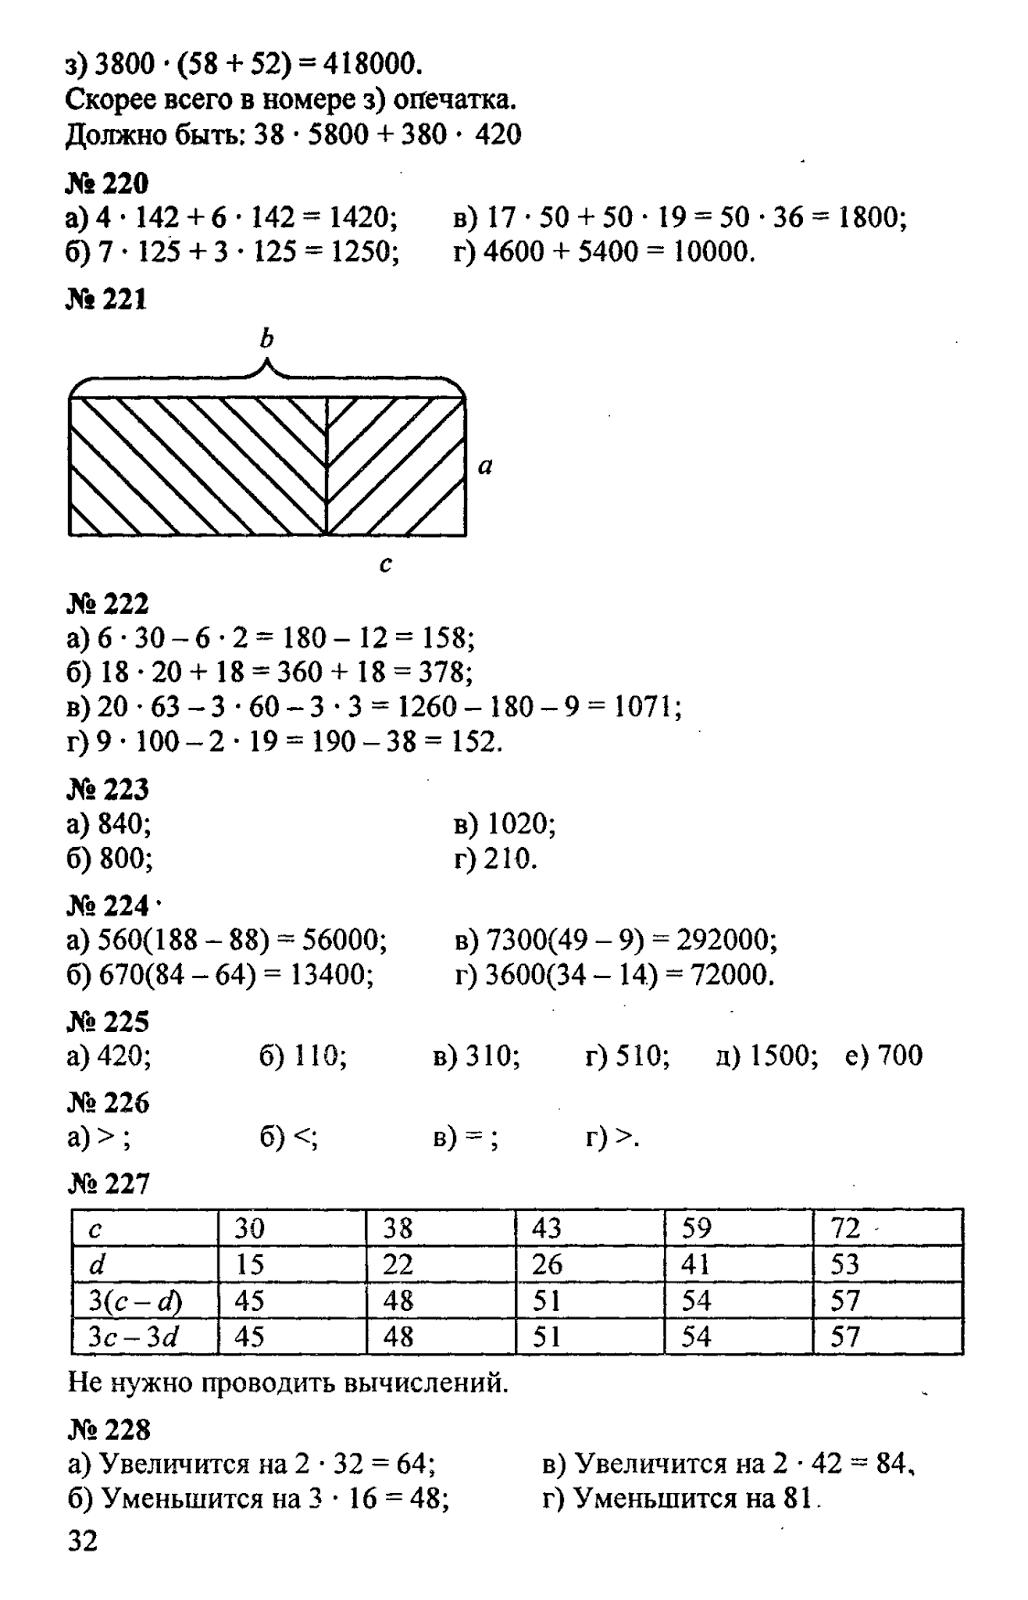 Бесплатные тесты по математике 2 класс онлайн (With images ...